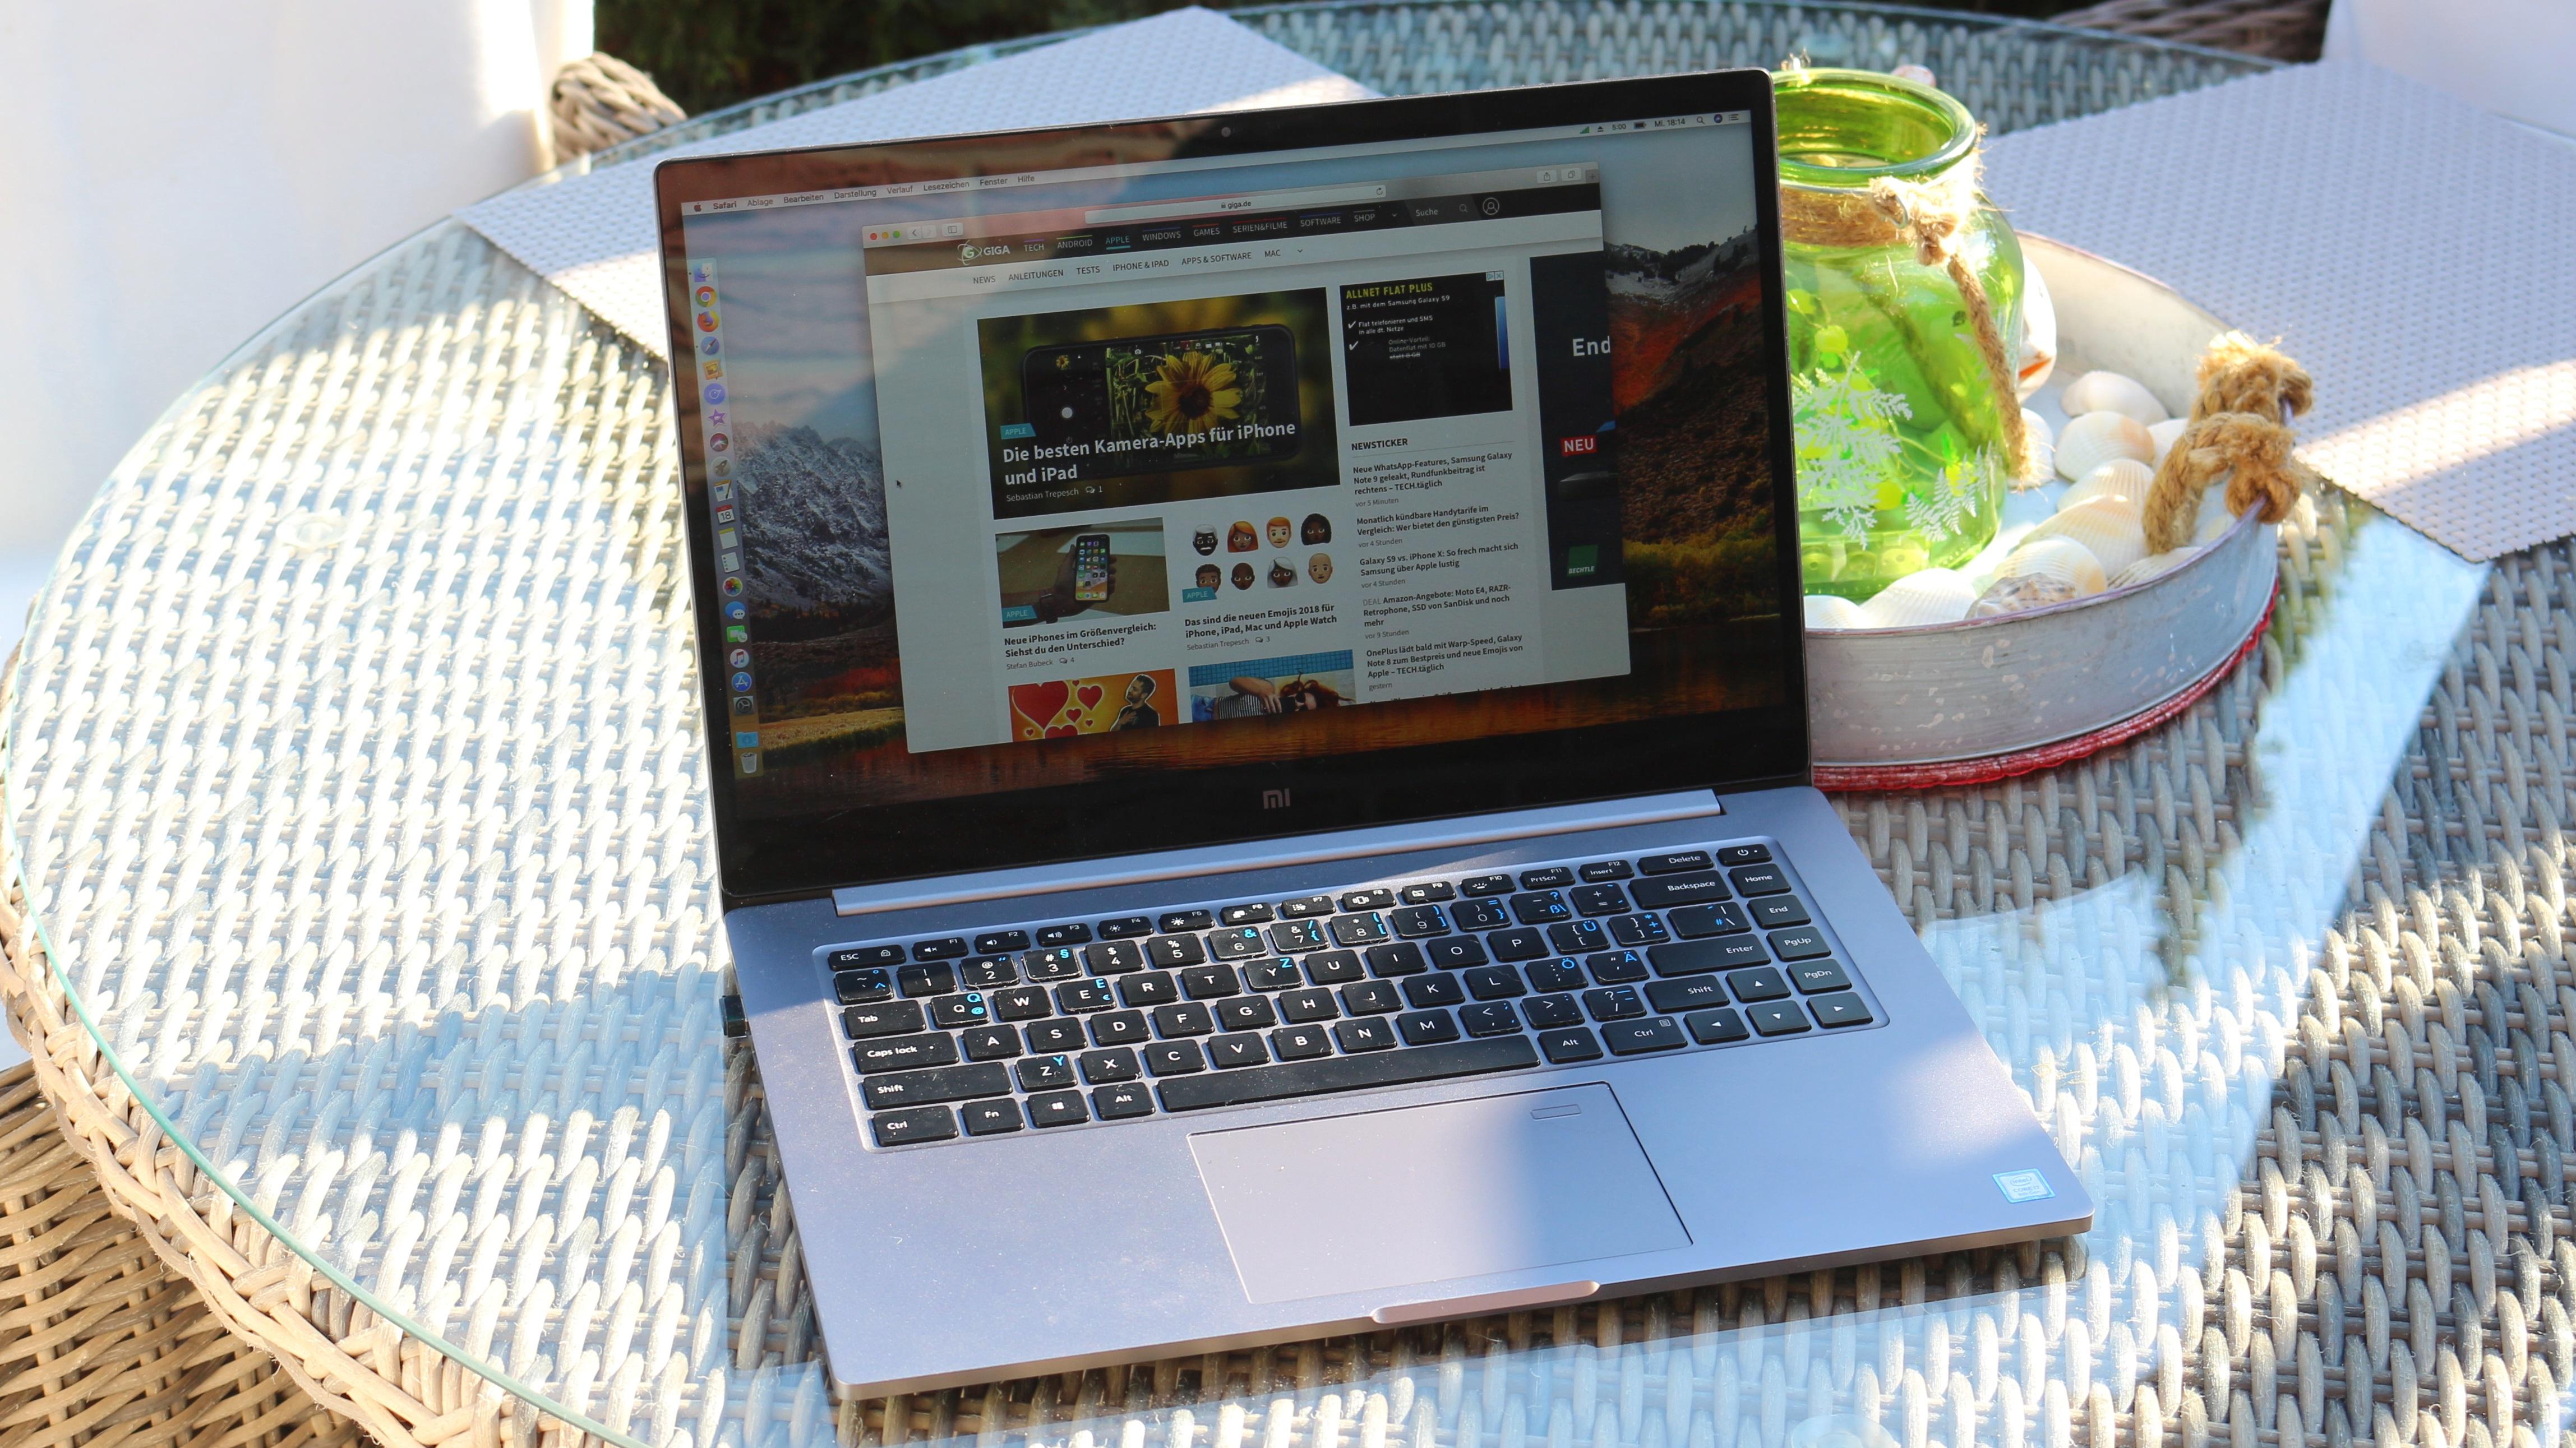 So gut das Xiaomi Mi Notebook Pro als Hackintosh funktioniert so deutlich werden Unterschiede zu einem echten Macbook Pro aufgezeigt Die Apple Laptops